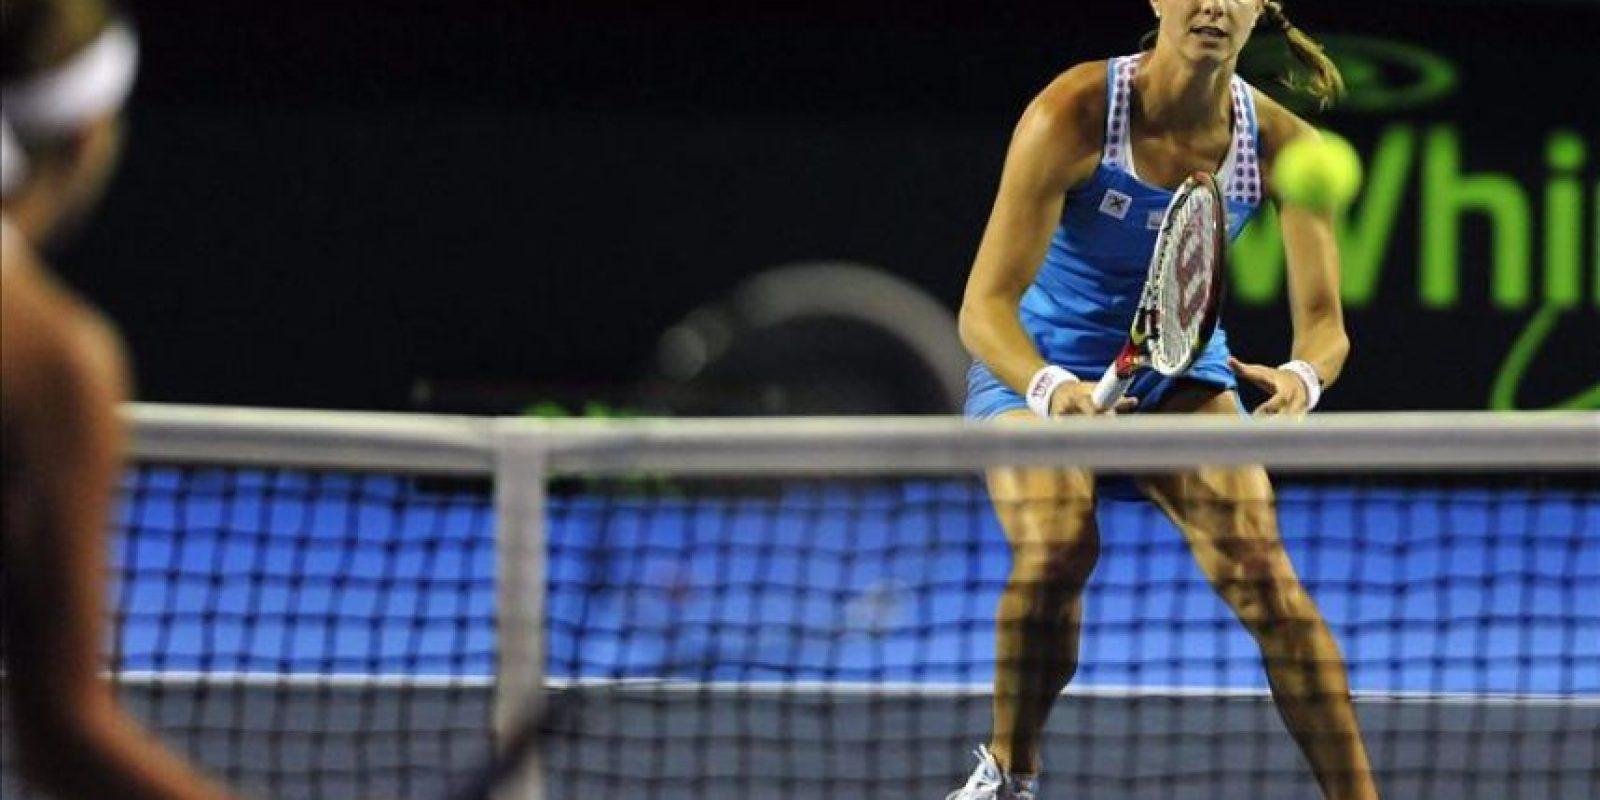 La tenista de Luxemburgo Mandy Miella devuelve una bola a Yaroslava Shevedova de Kazajistán este jueves 23 de febrero de 2012, en el cuarto día del Abierto Femenino de Monterrey en México. EFE